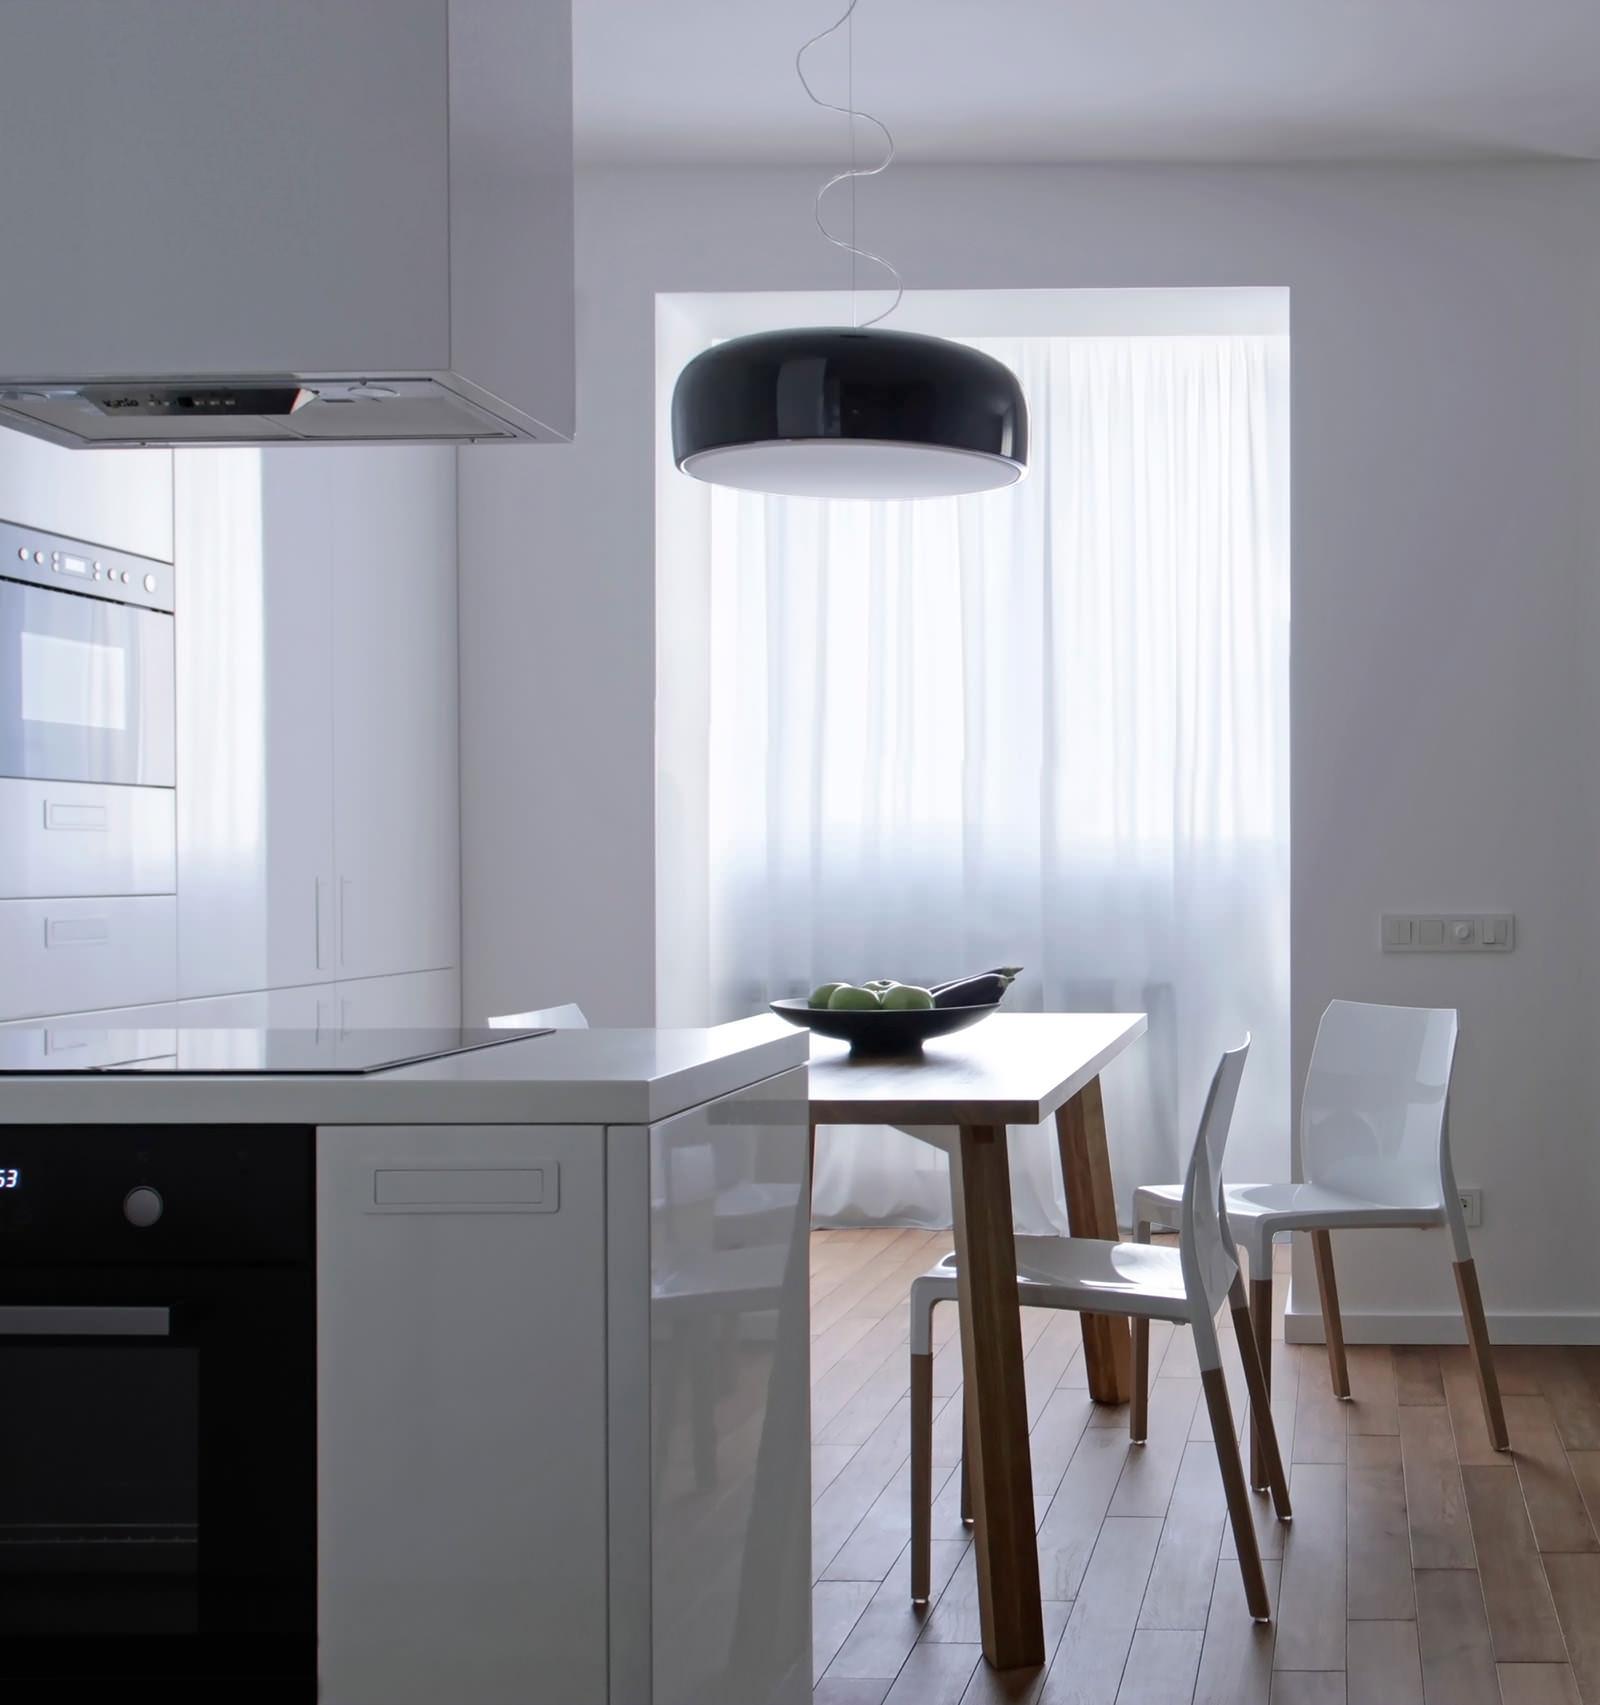 apartament-s-nestandarten-interior-v-skandinavski-stil-4g